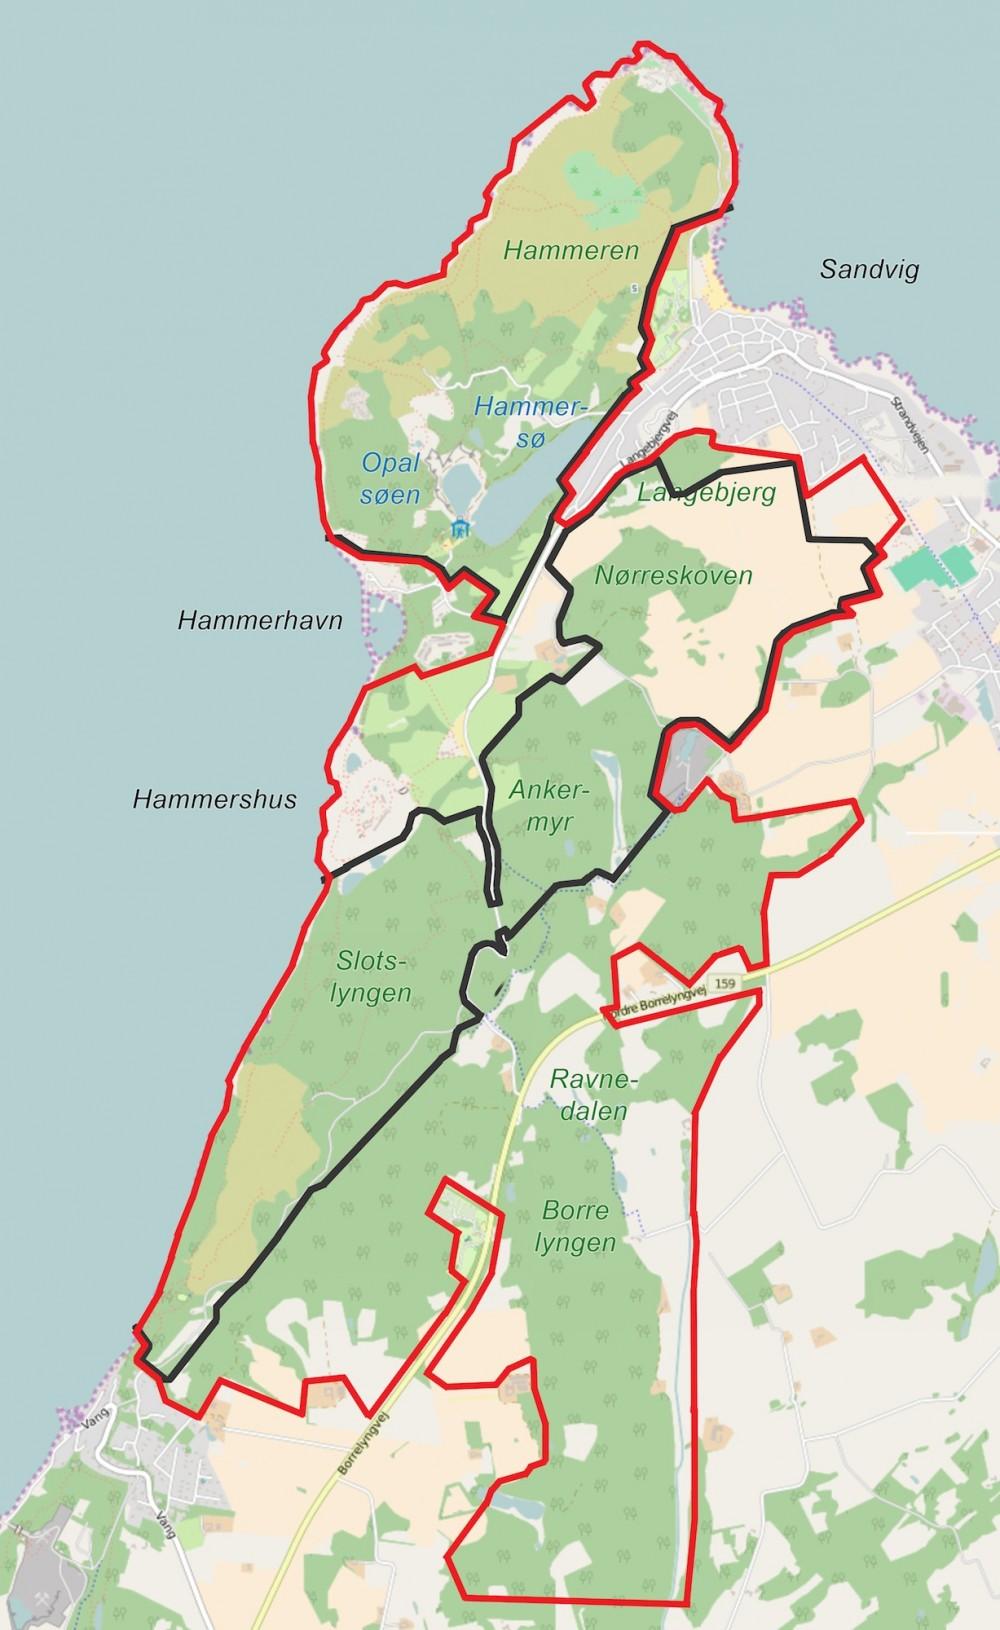 Forslag til hegnslinjer m.h.p. at holde udsatte planteædere inden på det udvalgte område (der er ingen grund til at hegne langs klippekysten). Samlet længde: ca. 14 kilometer. Der kan være tre separate indhegninger (eventuelt en eller to som første fase) eller to (med en faunapassage fra Slotslyngen over Langebjergvej. Men indhegningen af Hammeren kan også forbindes med de øvrige, hvis der anlægges en faunapassage umiddelbart syd for Sandvig.